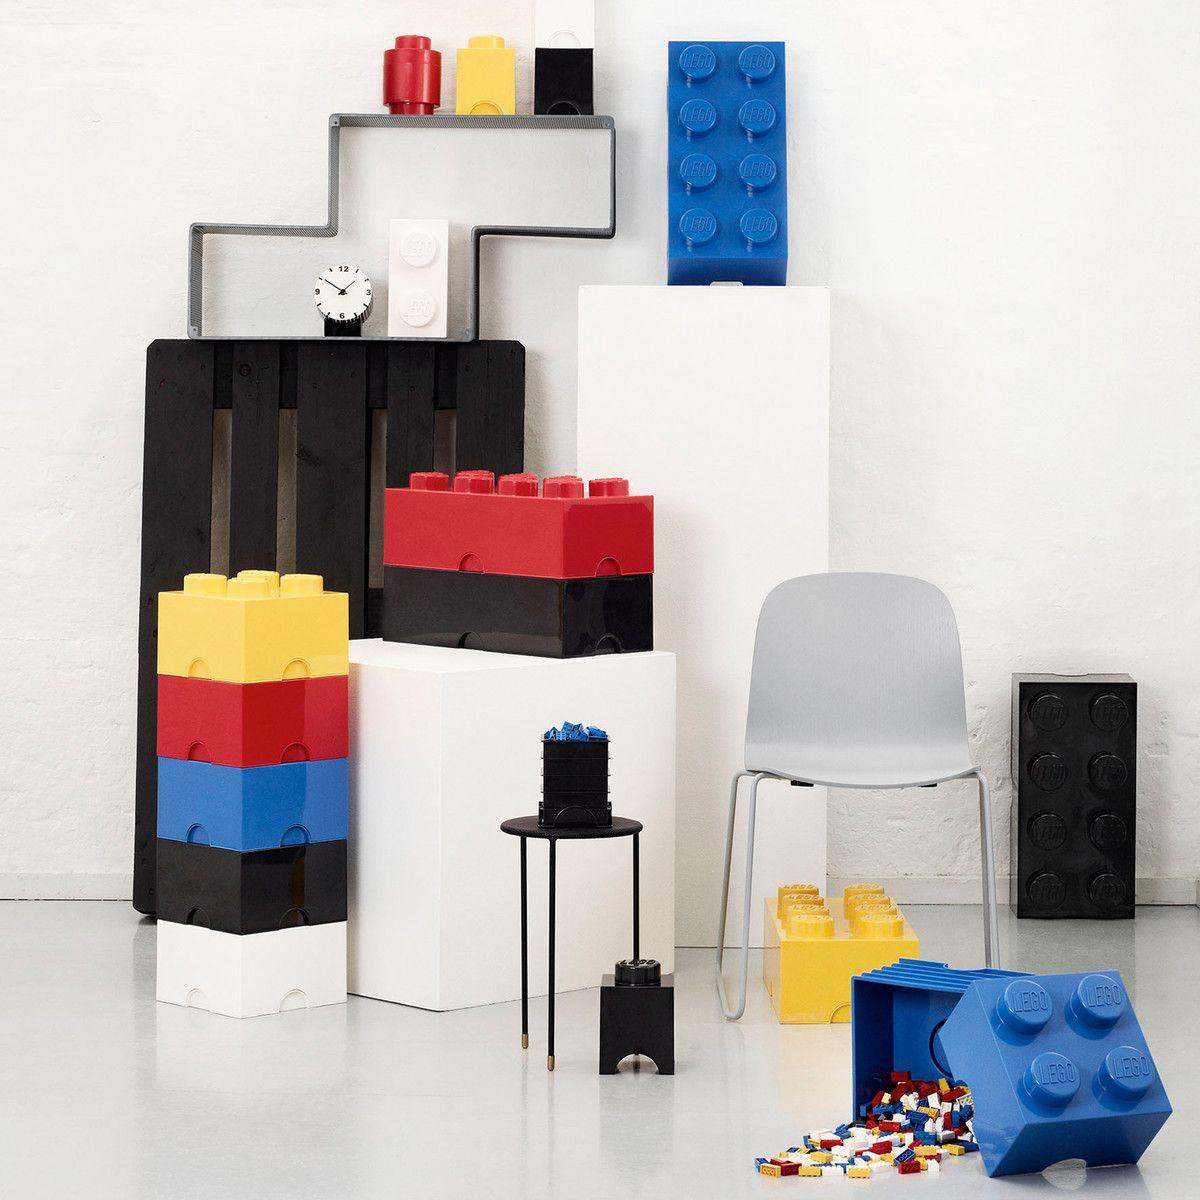 Lego-Storage-Box-Ambiente-1.jpg (1200×1200)